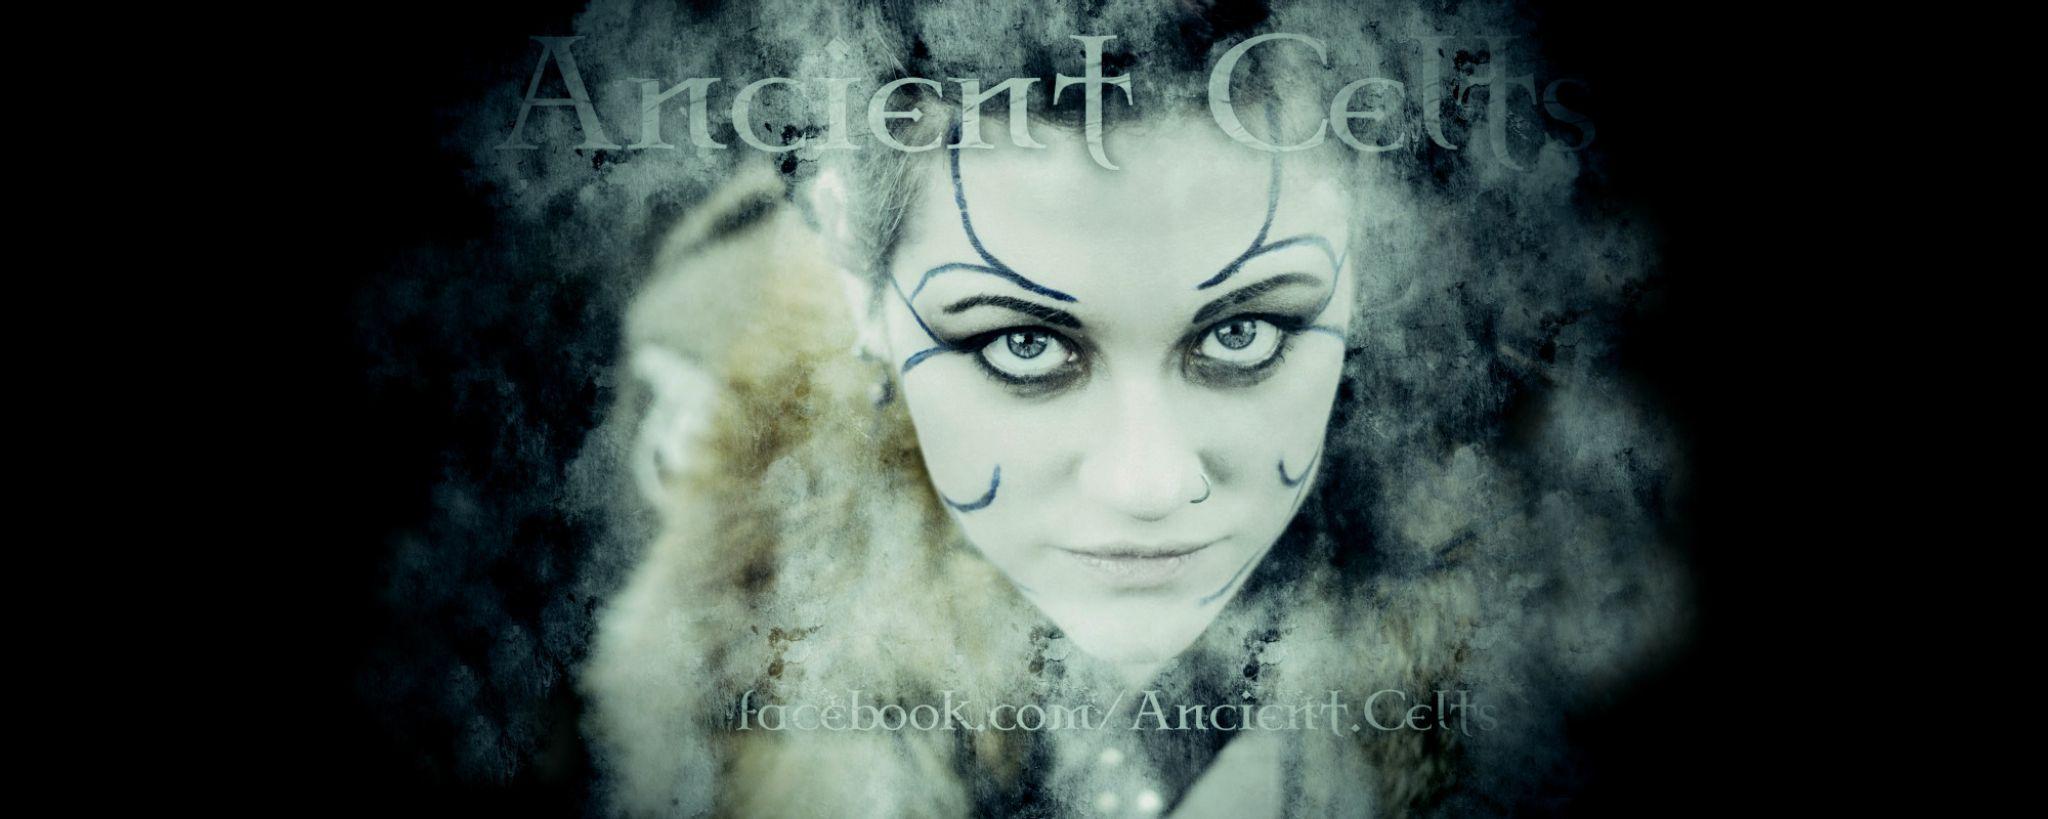 Celtic Girl by Husam Libad